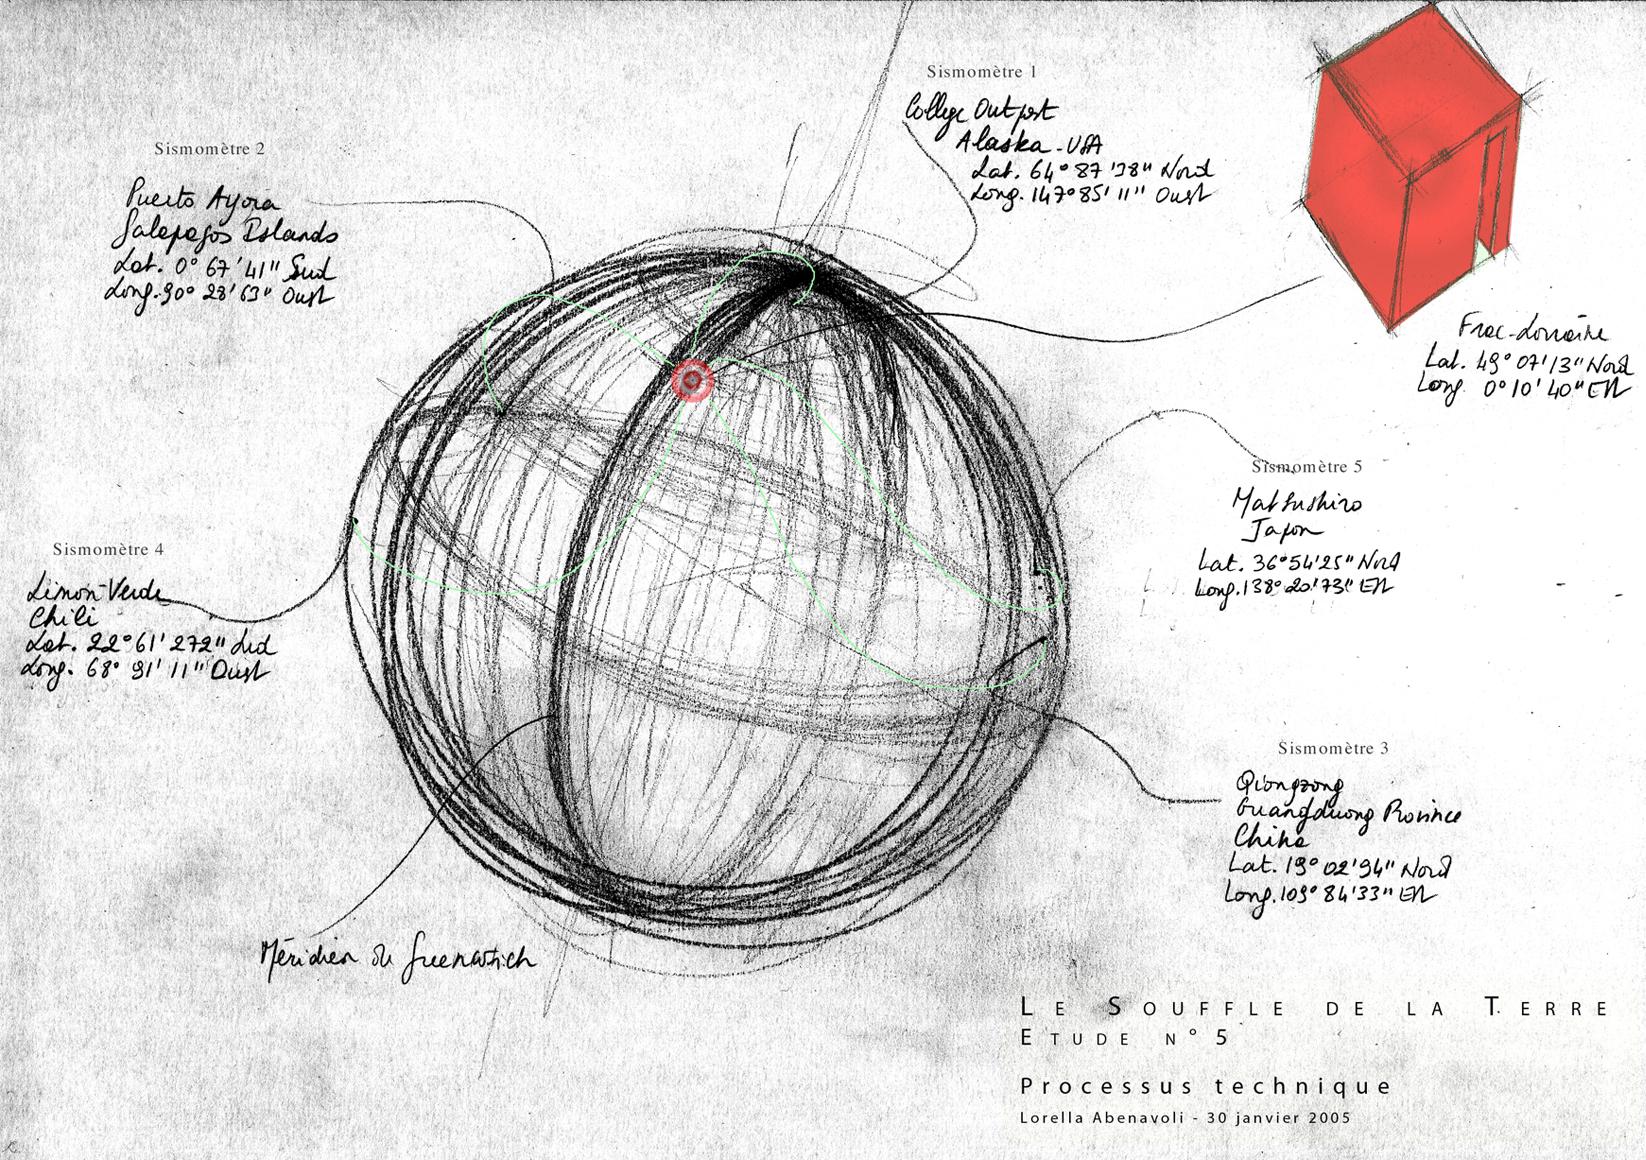 Le Souffle de la Terre, Étude n°5, Principe de liaison des stations sismiques au FRAC Lorraine, Crayon, encre sur papier. 2005. Dessin: ©Lorella Abenavoli